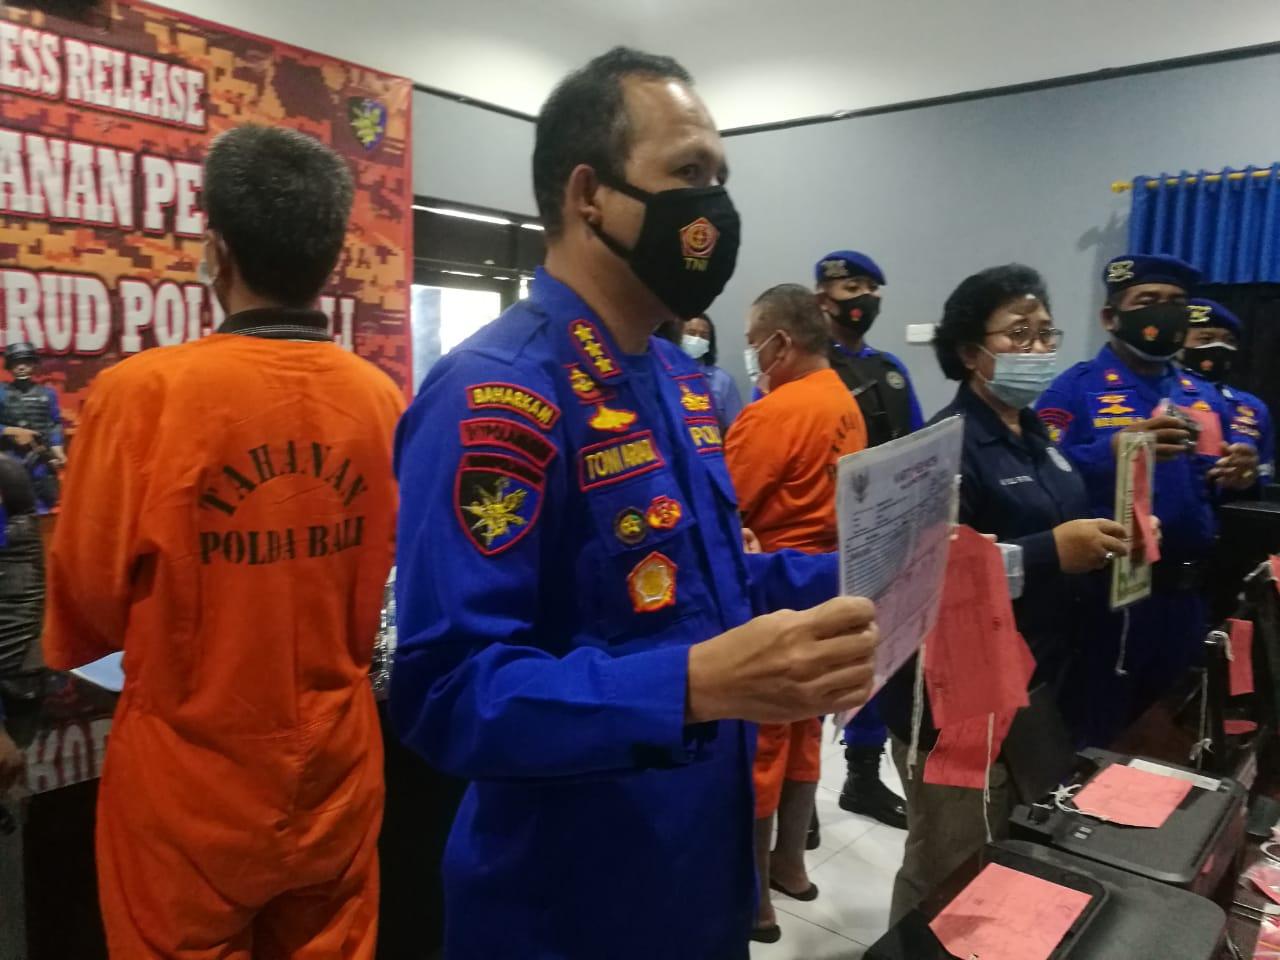 Pelaku pembuat KTP dan Kartu Keluarga palsu dibekuk Polairud Polda Bali. Foto: Lintasnusanews.com/Agung Widodo